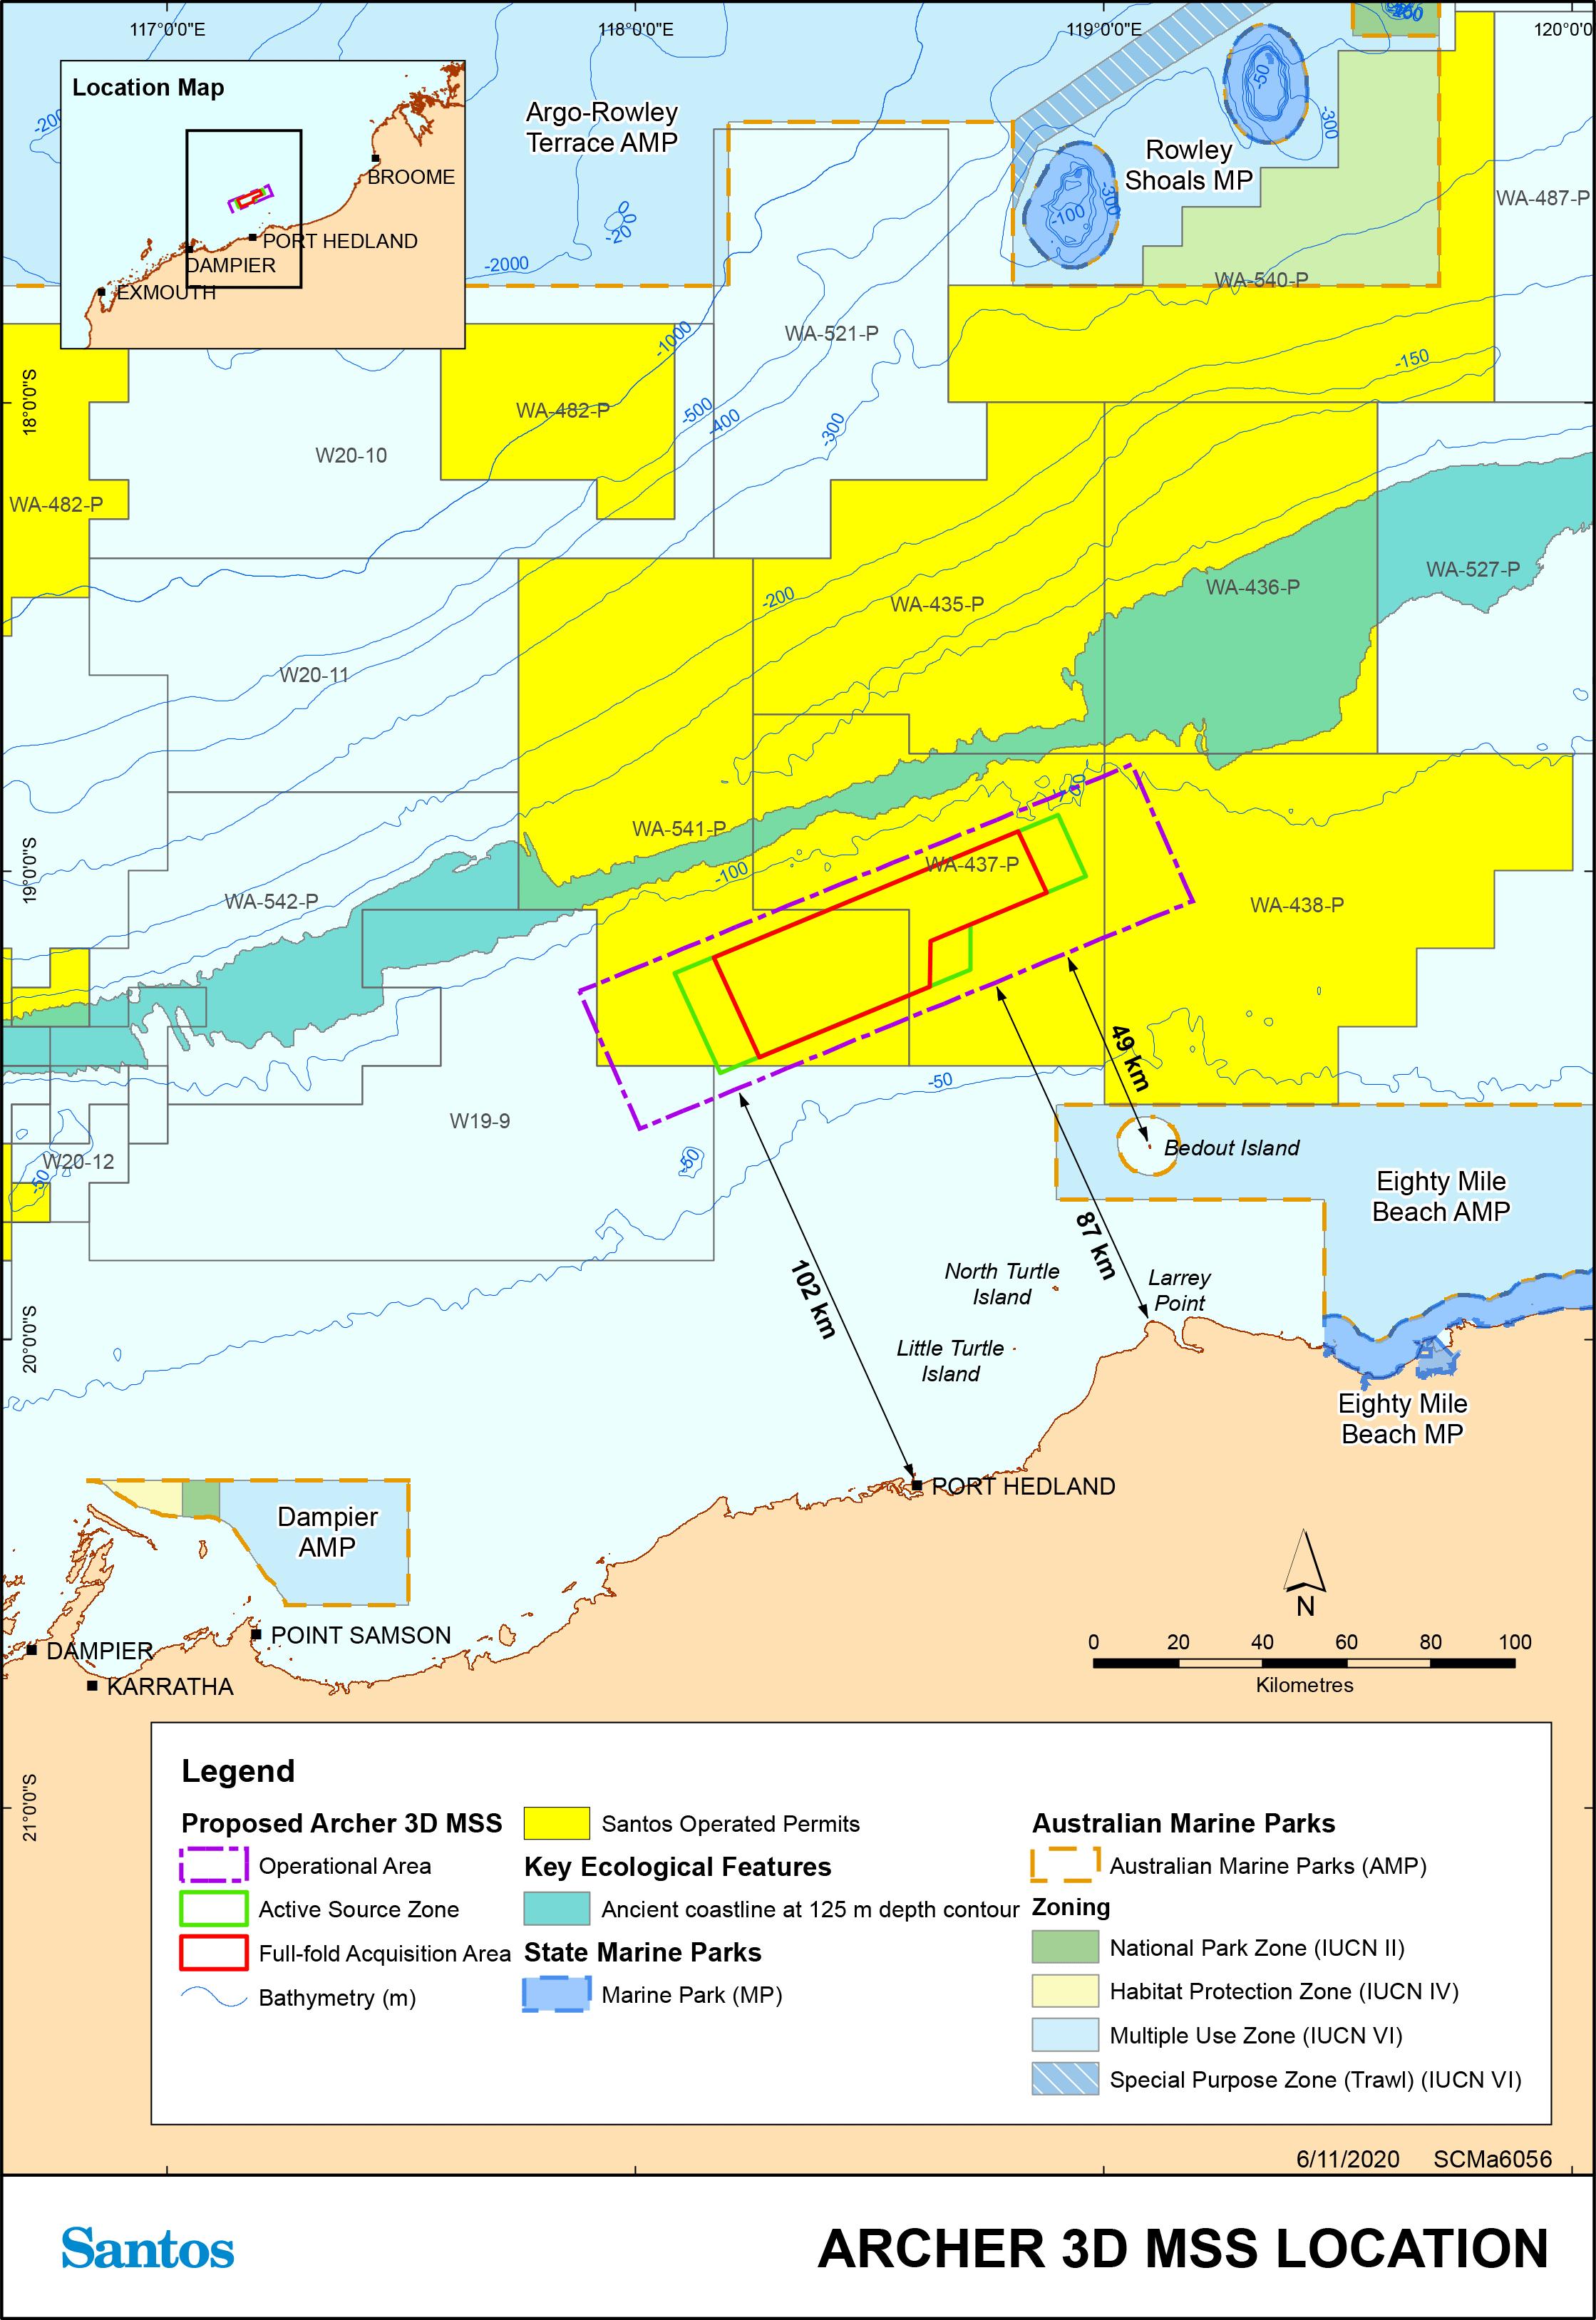 Location map - Activity: Archer 3D Marine Seismic Survey (refer to description)